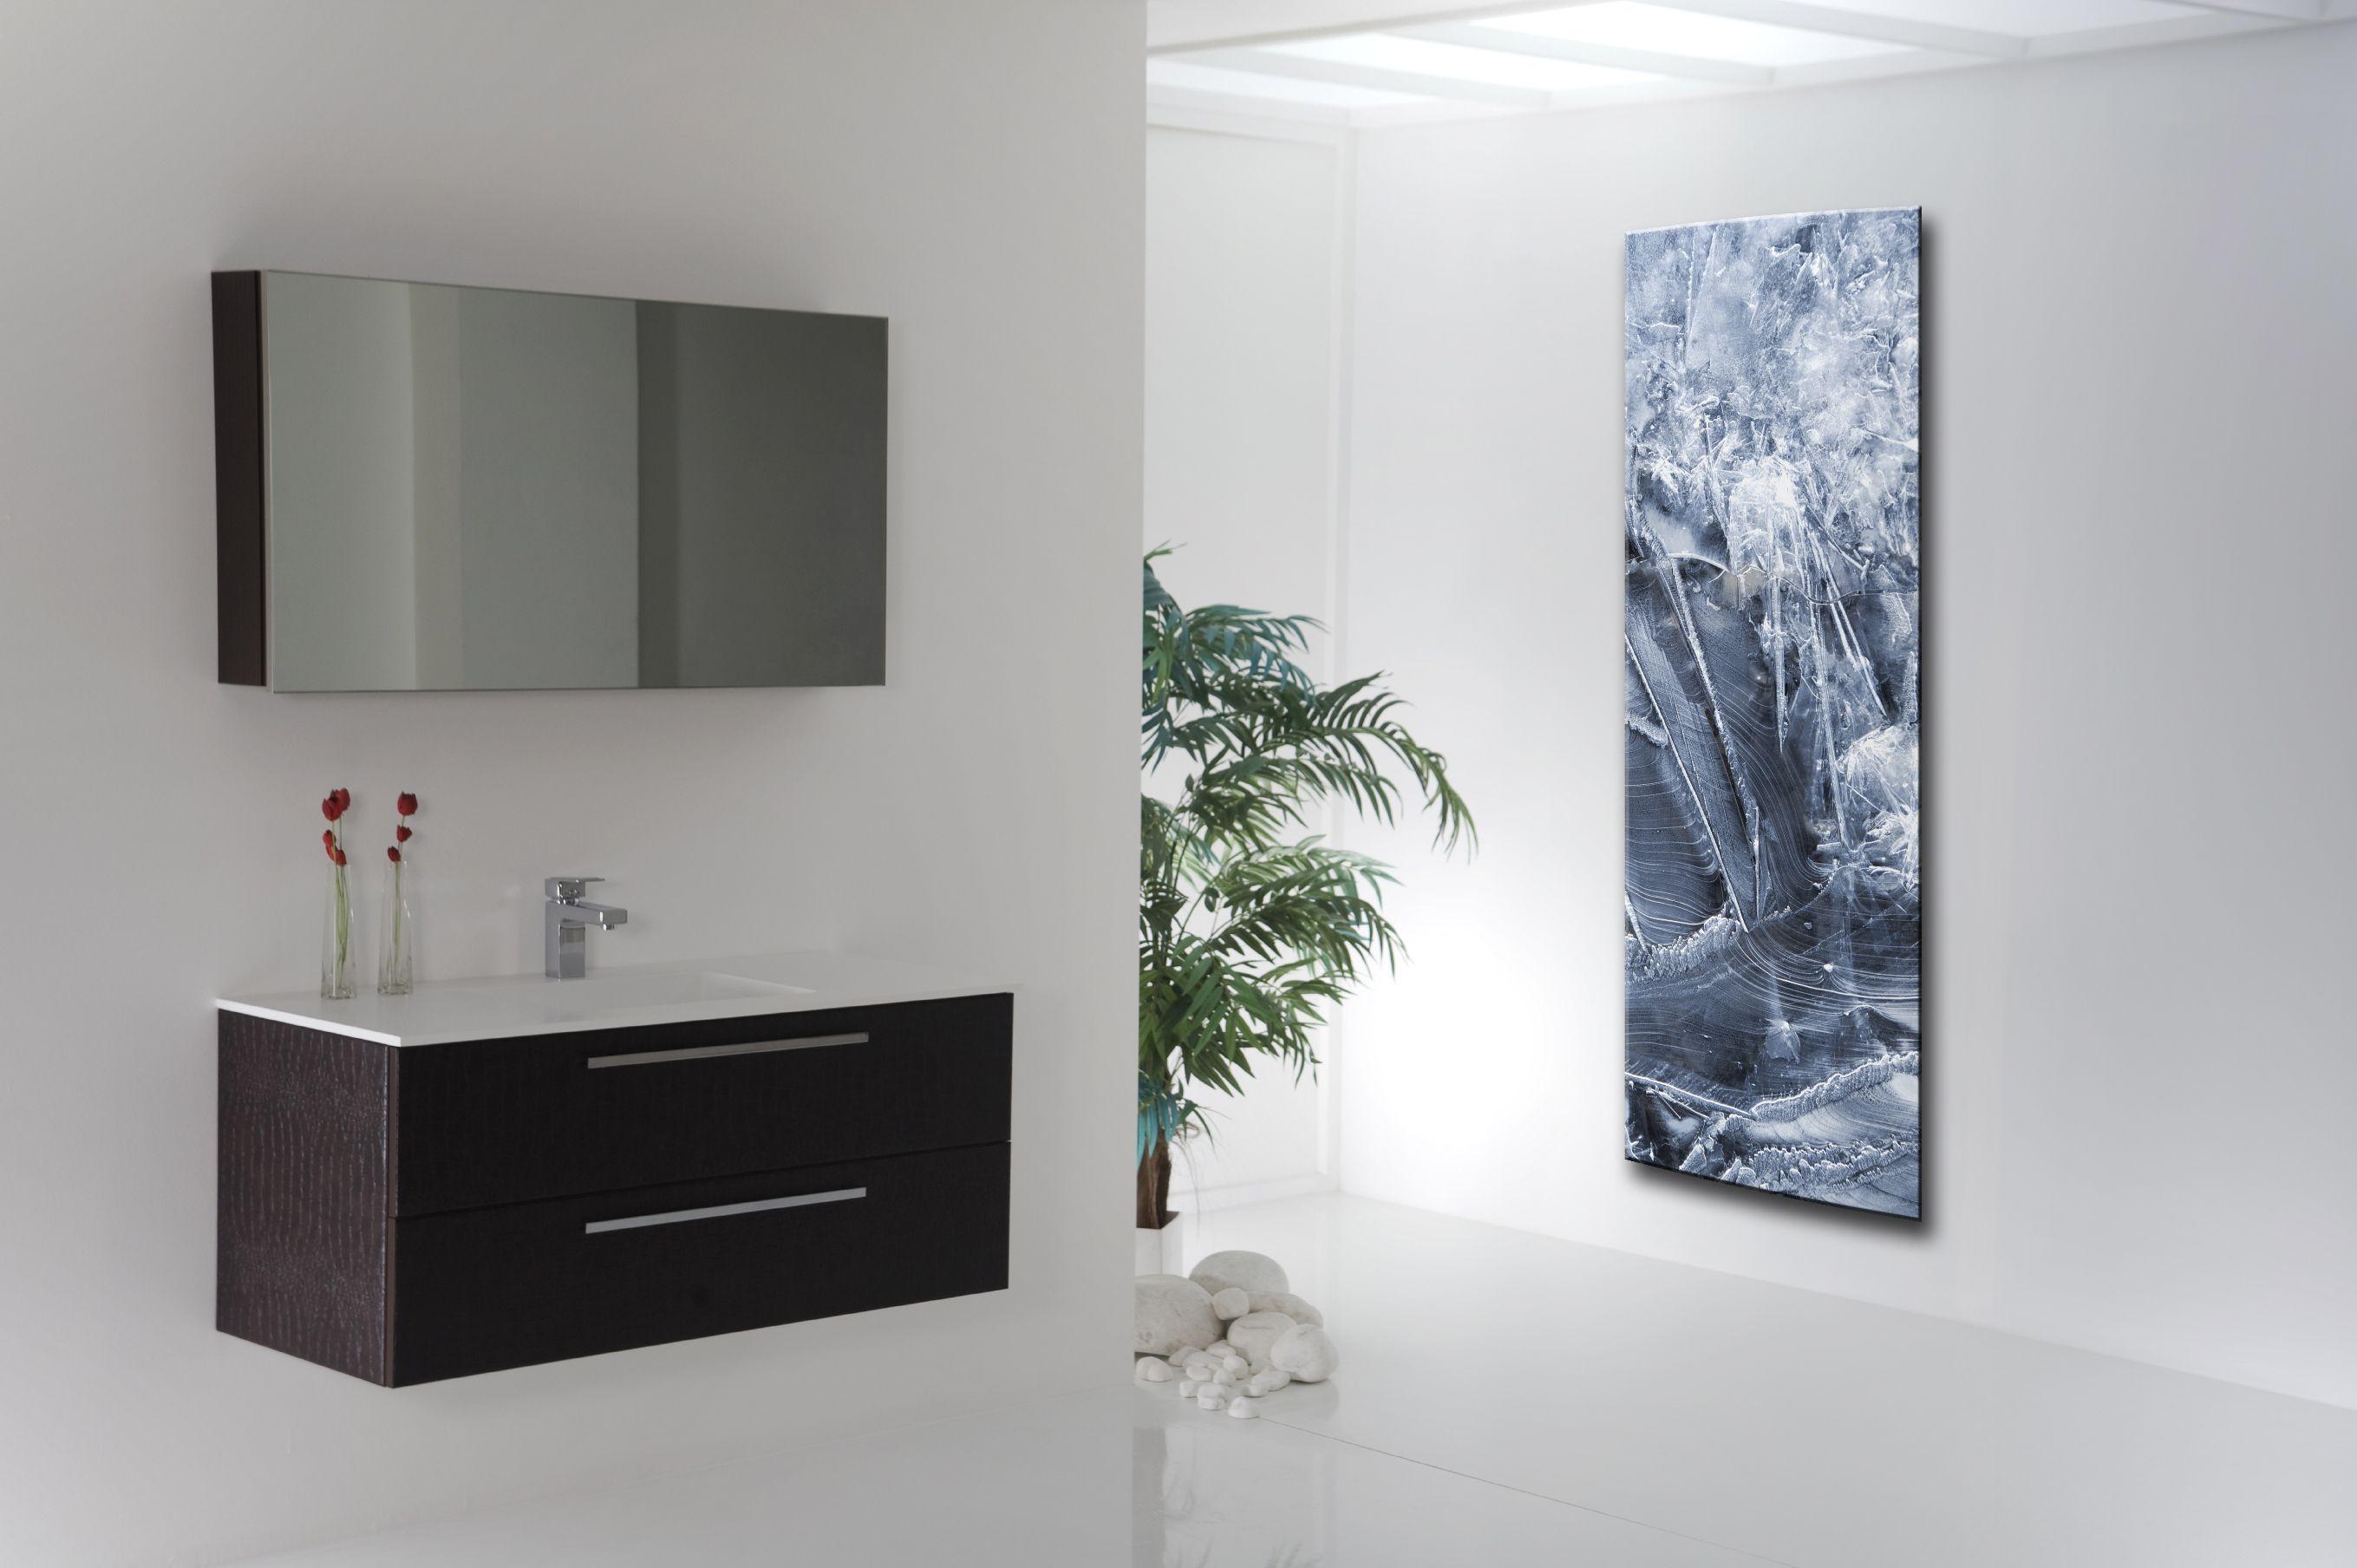 Un concept unique de radiateurs artistiques proposant une façade décorée personnalisable et interchangeable - Chauffage Electrique par rayonnement Infrarouge - Puissance disponibles : 750 W, 1 000 W, 1 100 W, 1 300 W - Version sèche-serviette de 600 W - à partir de 960,70 €